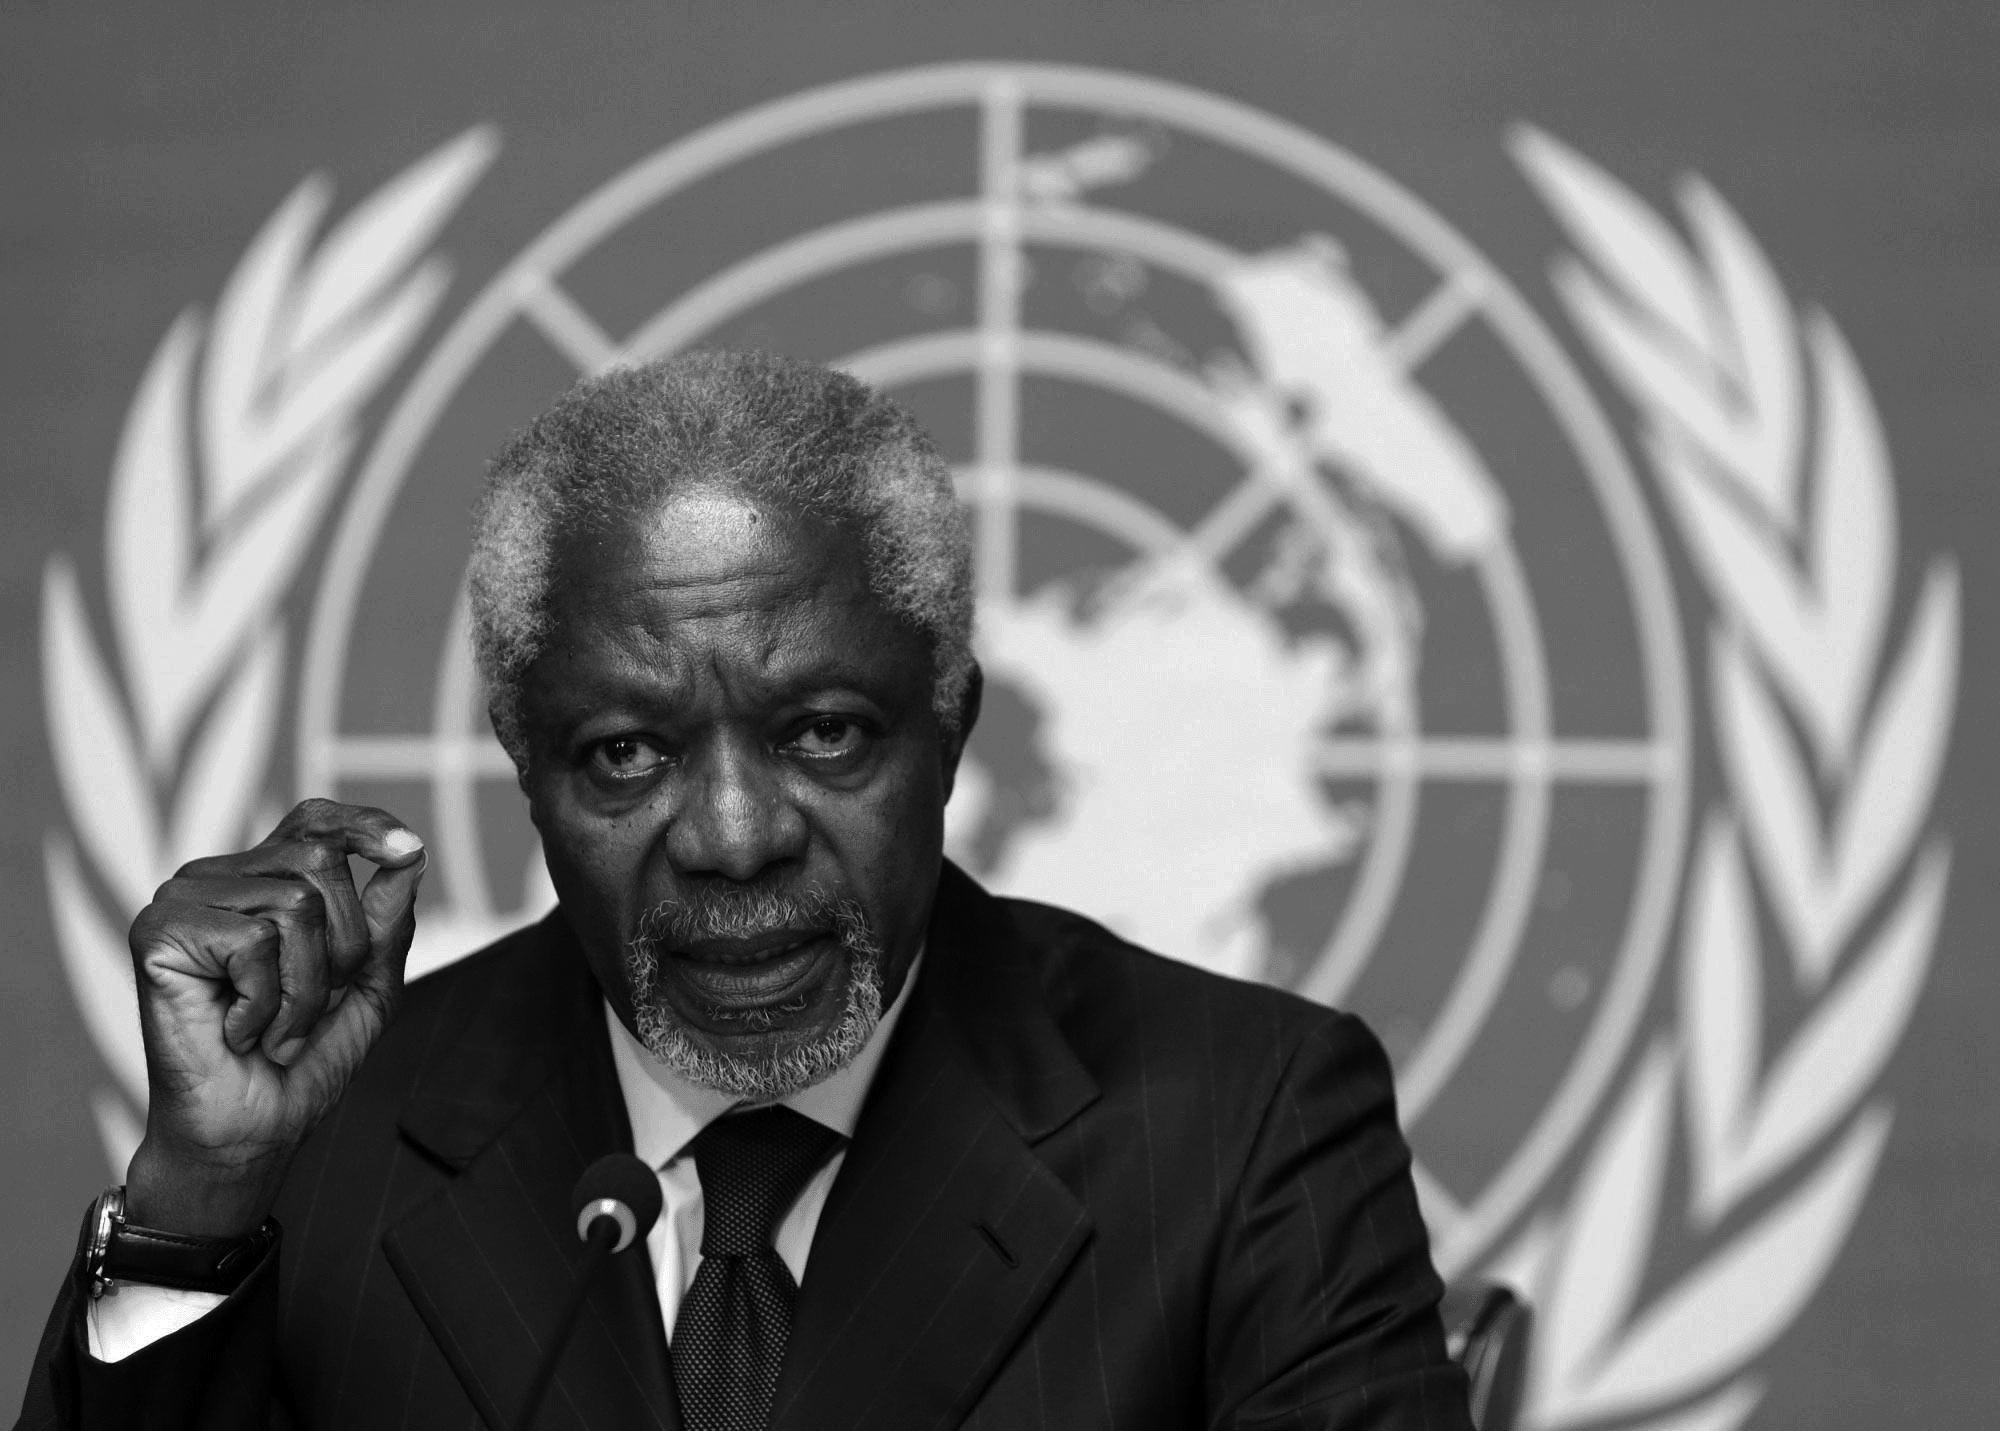 普京向联合国秘书长古特雷斯发去唁电 对安南逝世表示哀悼